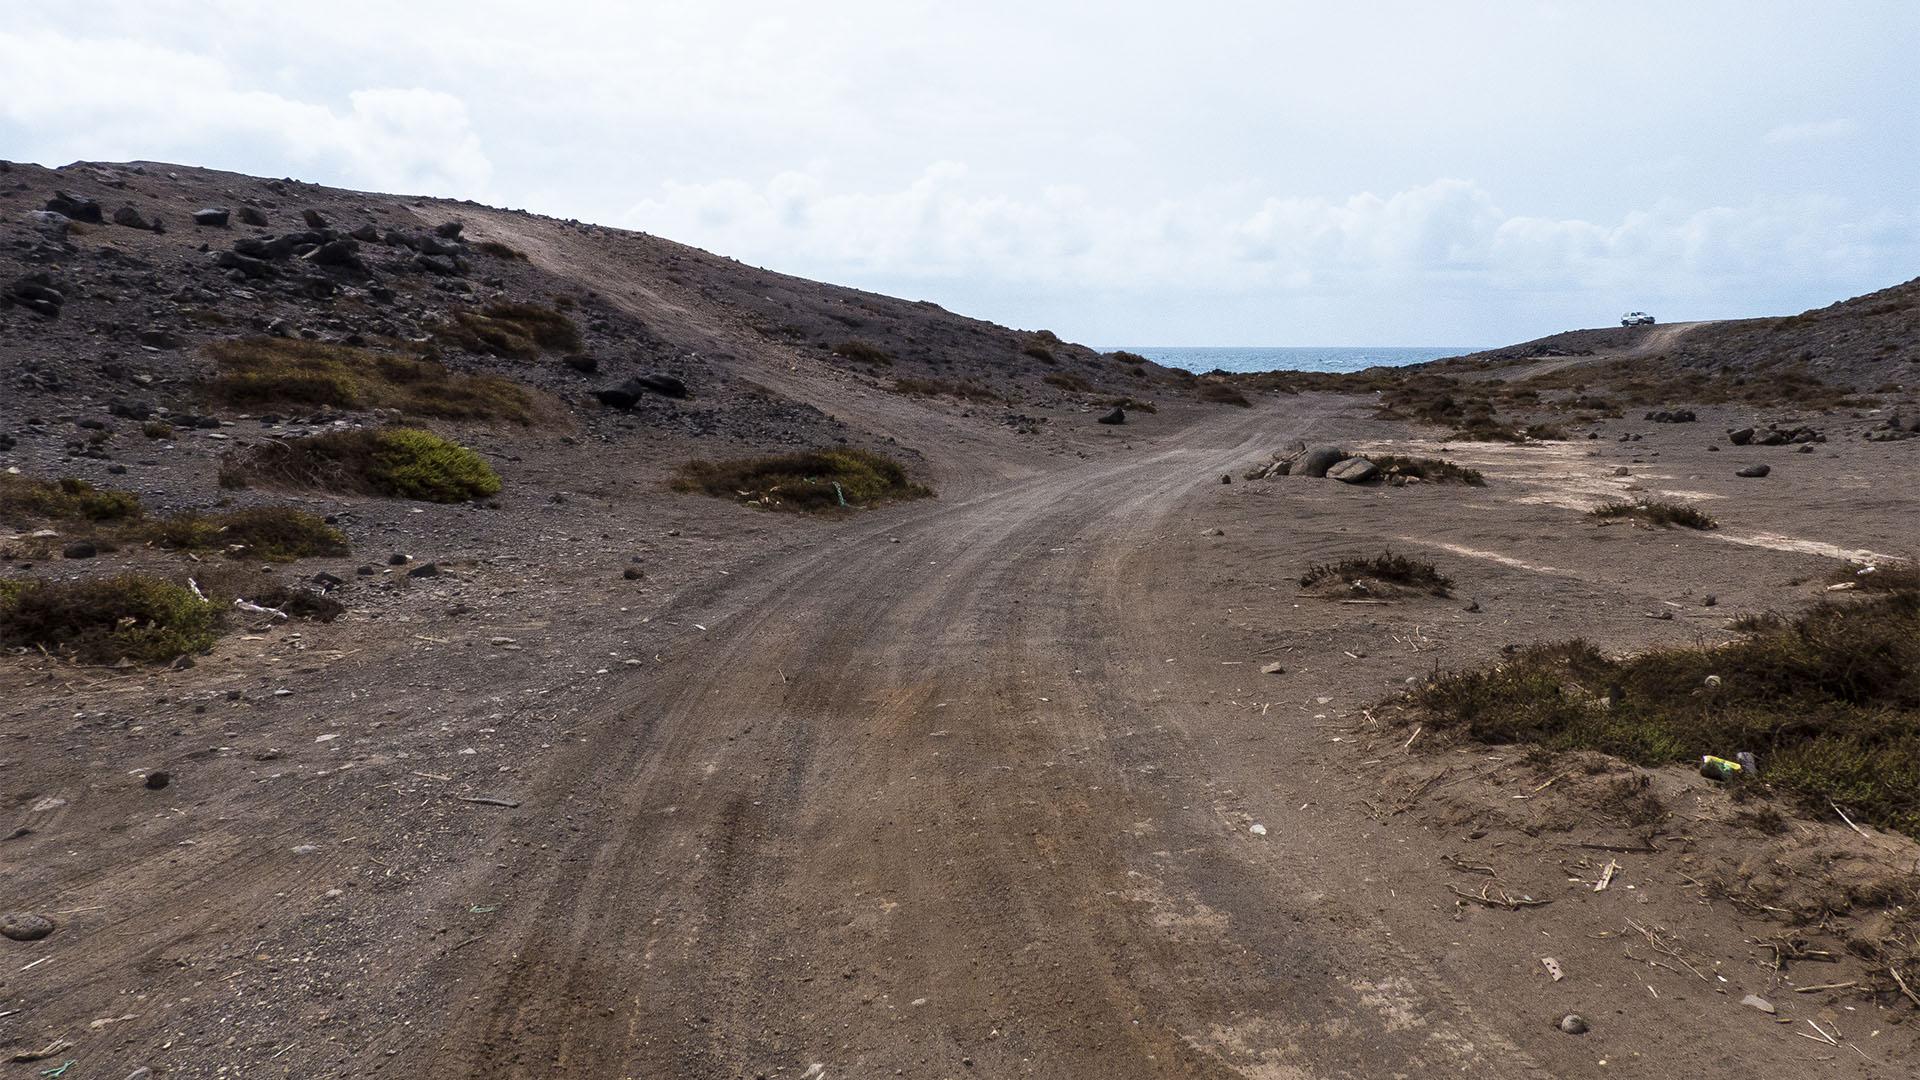 Die Strände Fuerteventuras: Caleta Blanca